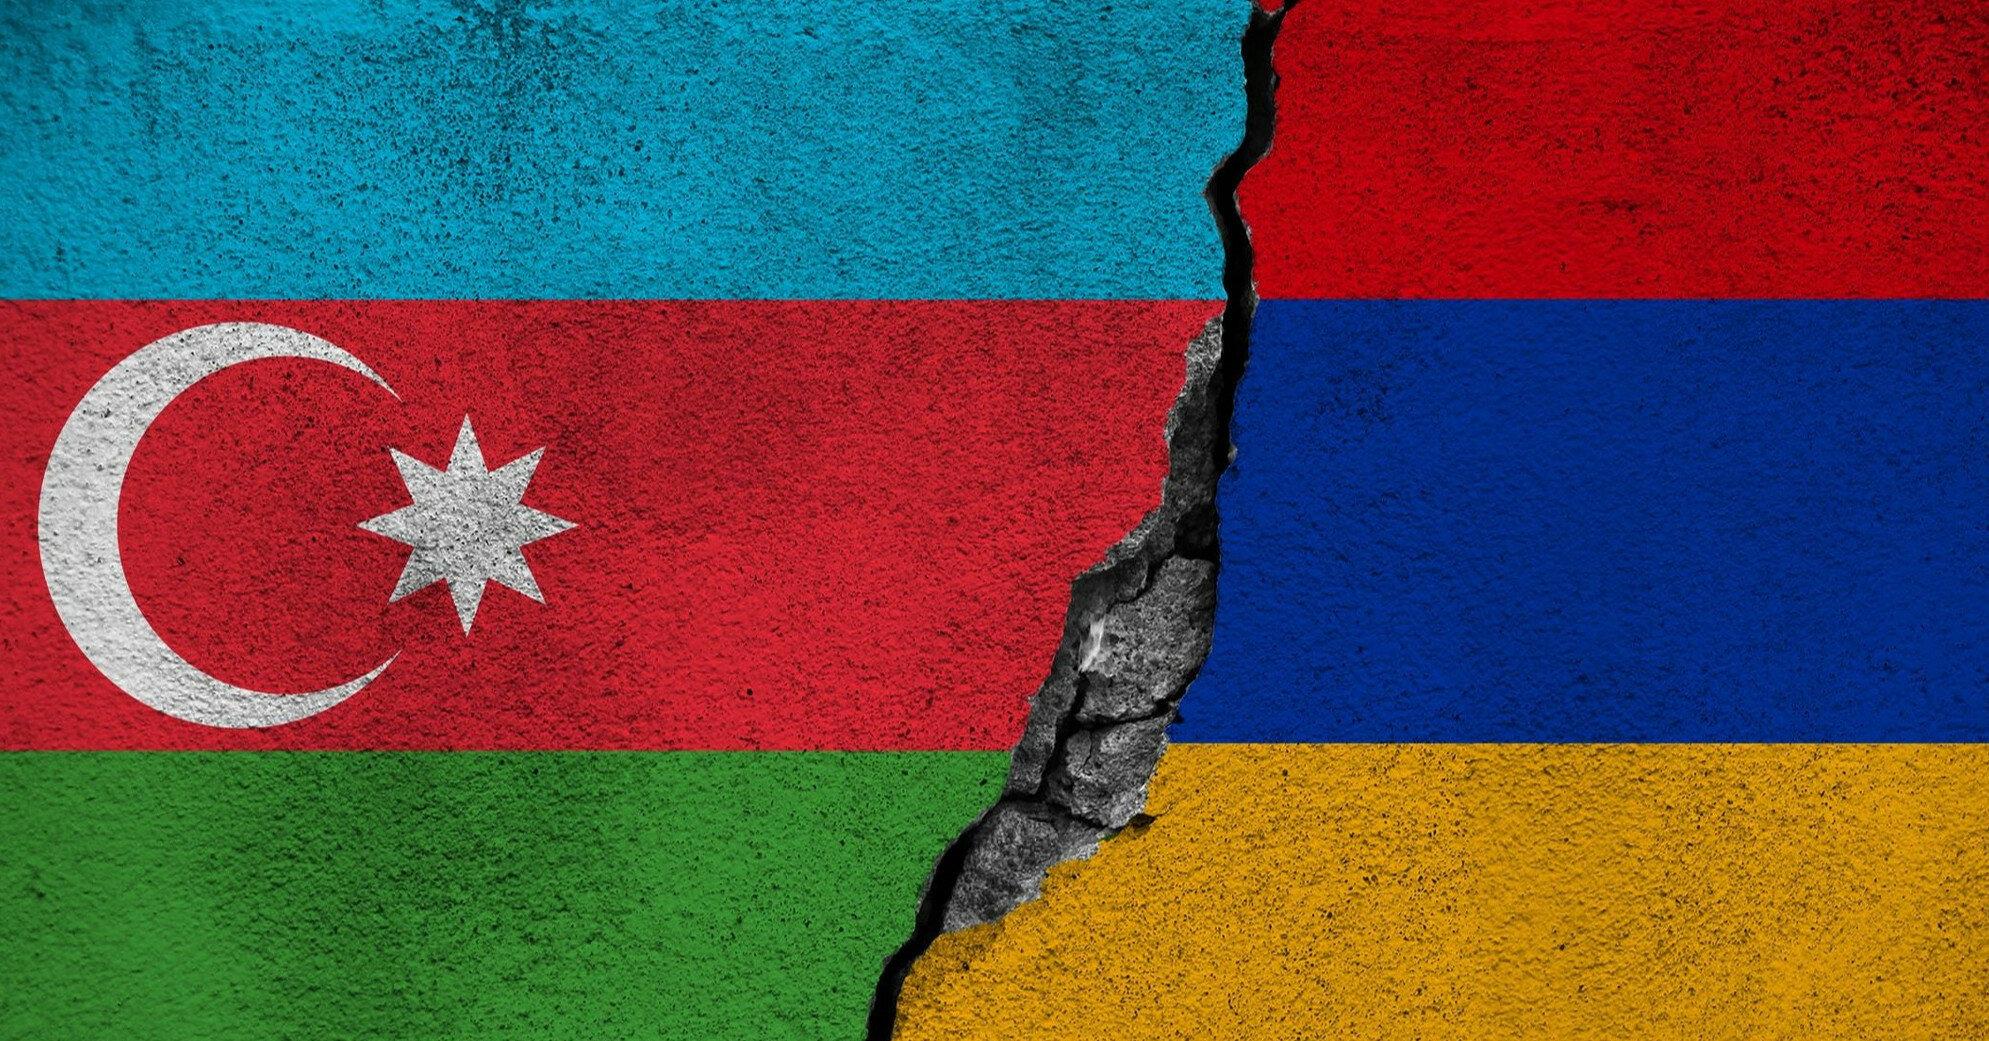 Пашинян обвиняет Баку в подготовке новых боевых действий